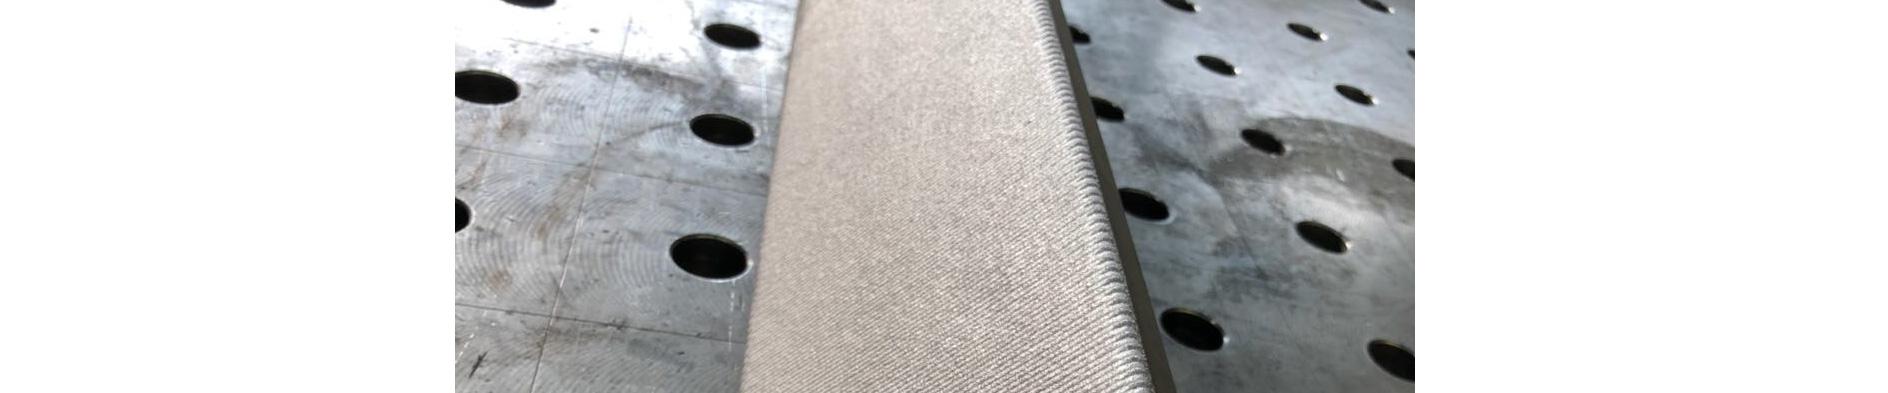 laser-pulver-auftragsschweissen-02